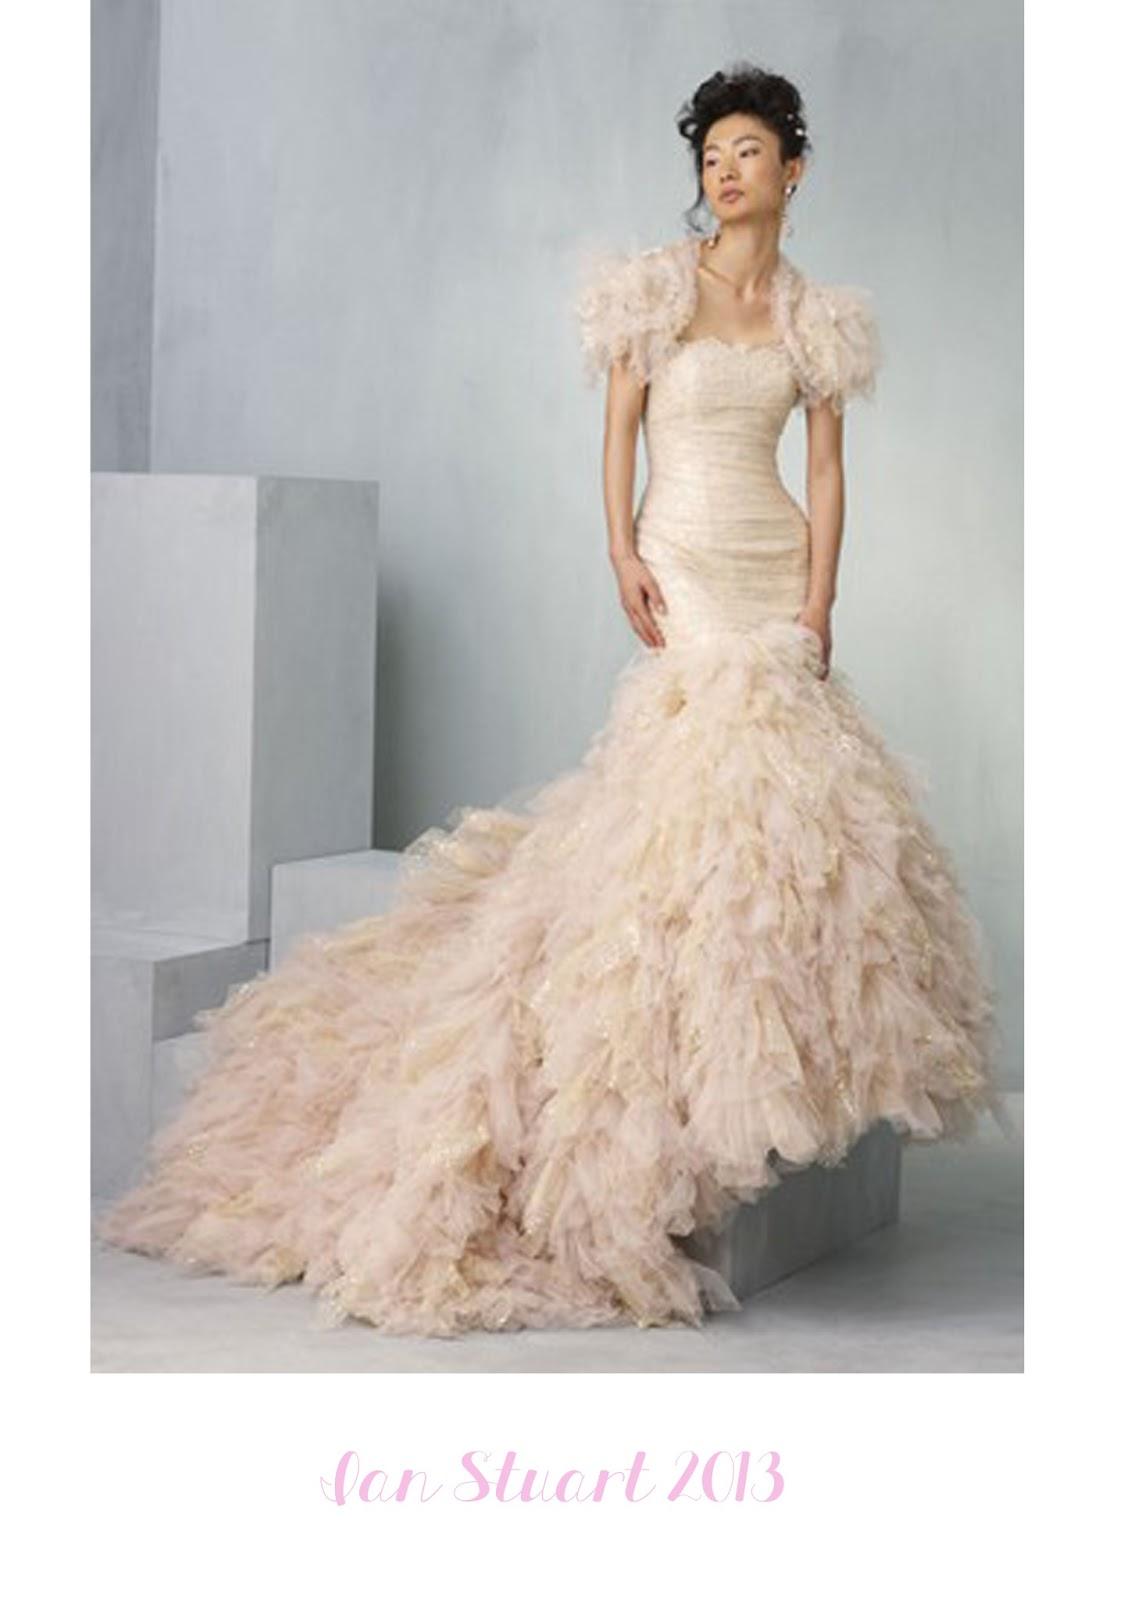 Robe de mariee rose fluo